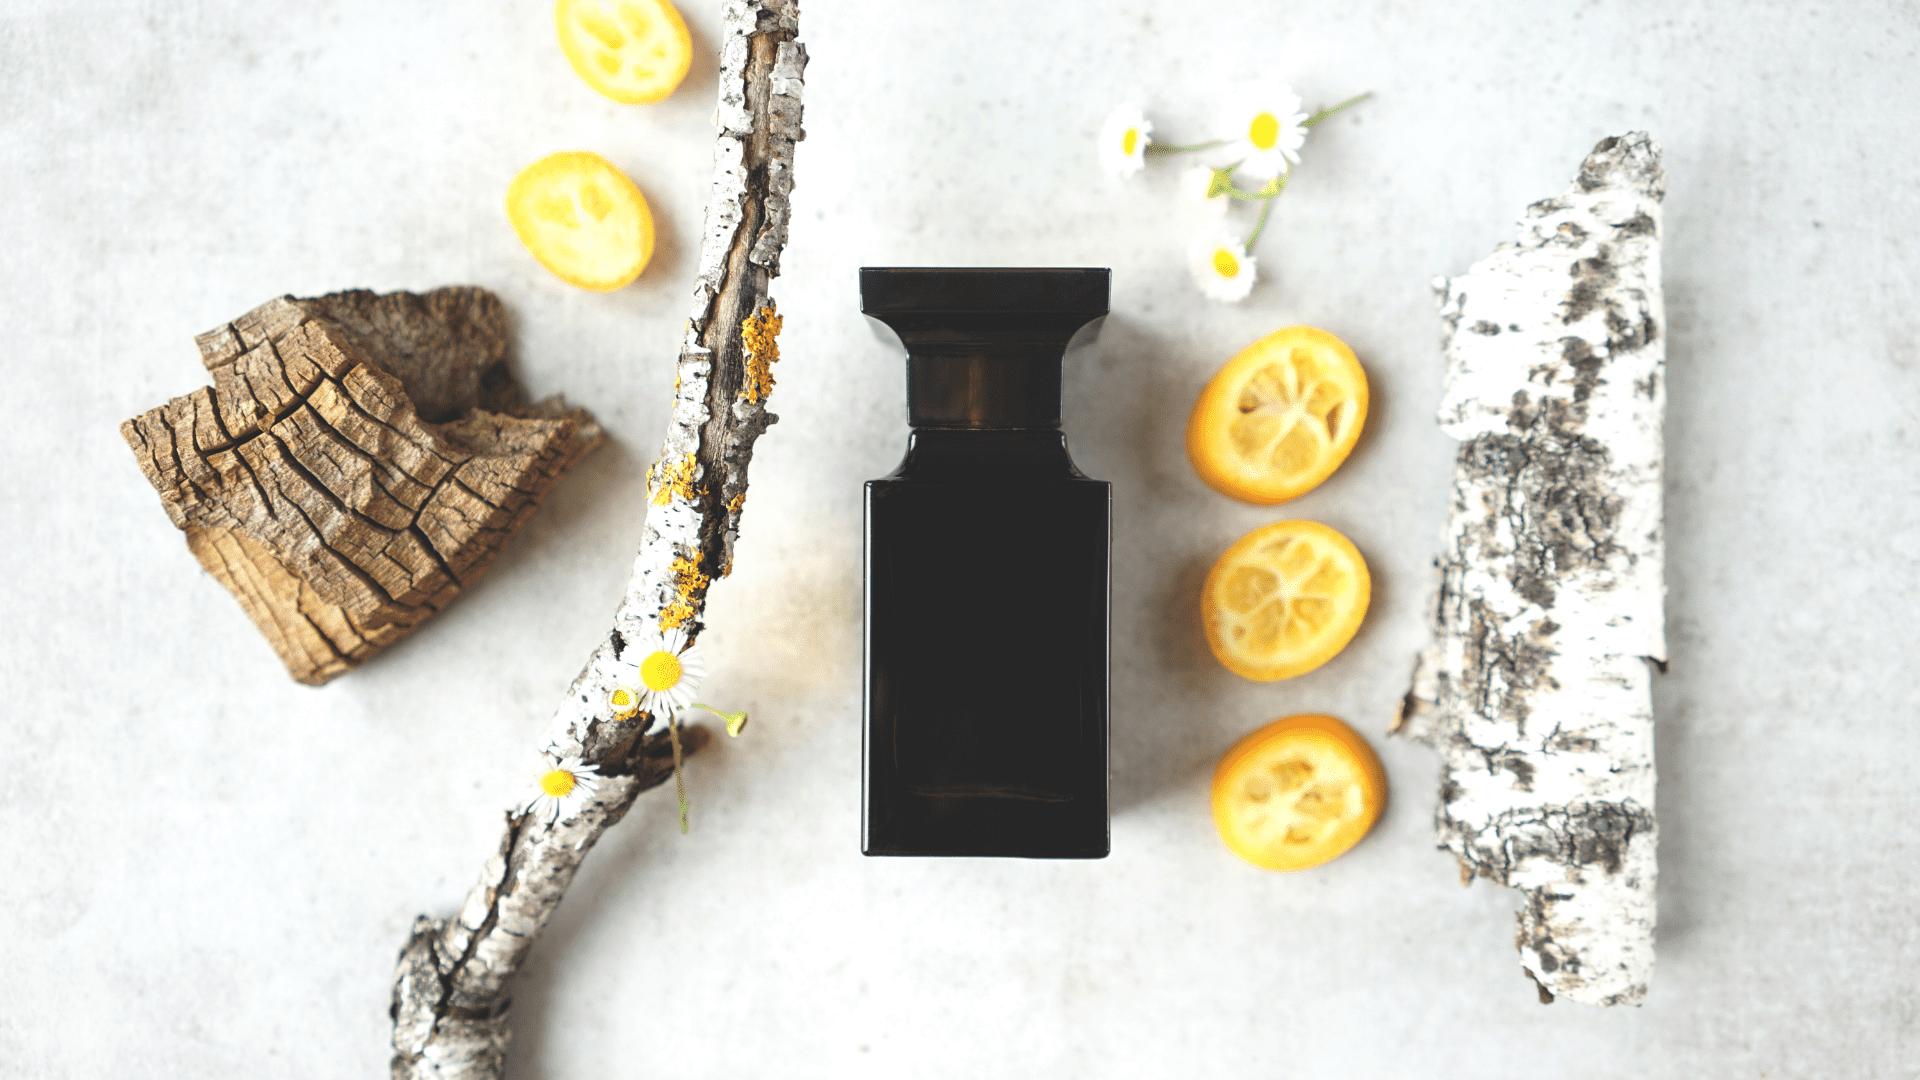 Confira a nossa seleção dos melhores perfumes importados masculinos de 2021! (Imagem: Reprodução/Shutterstock)